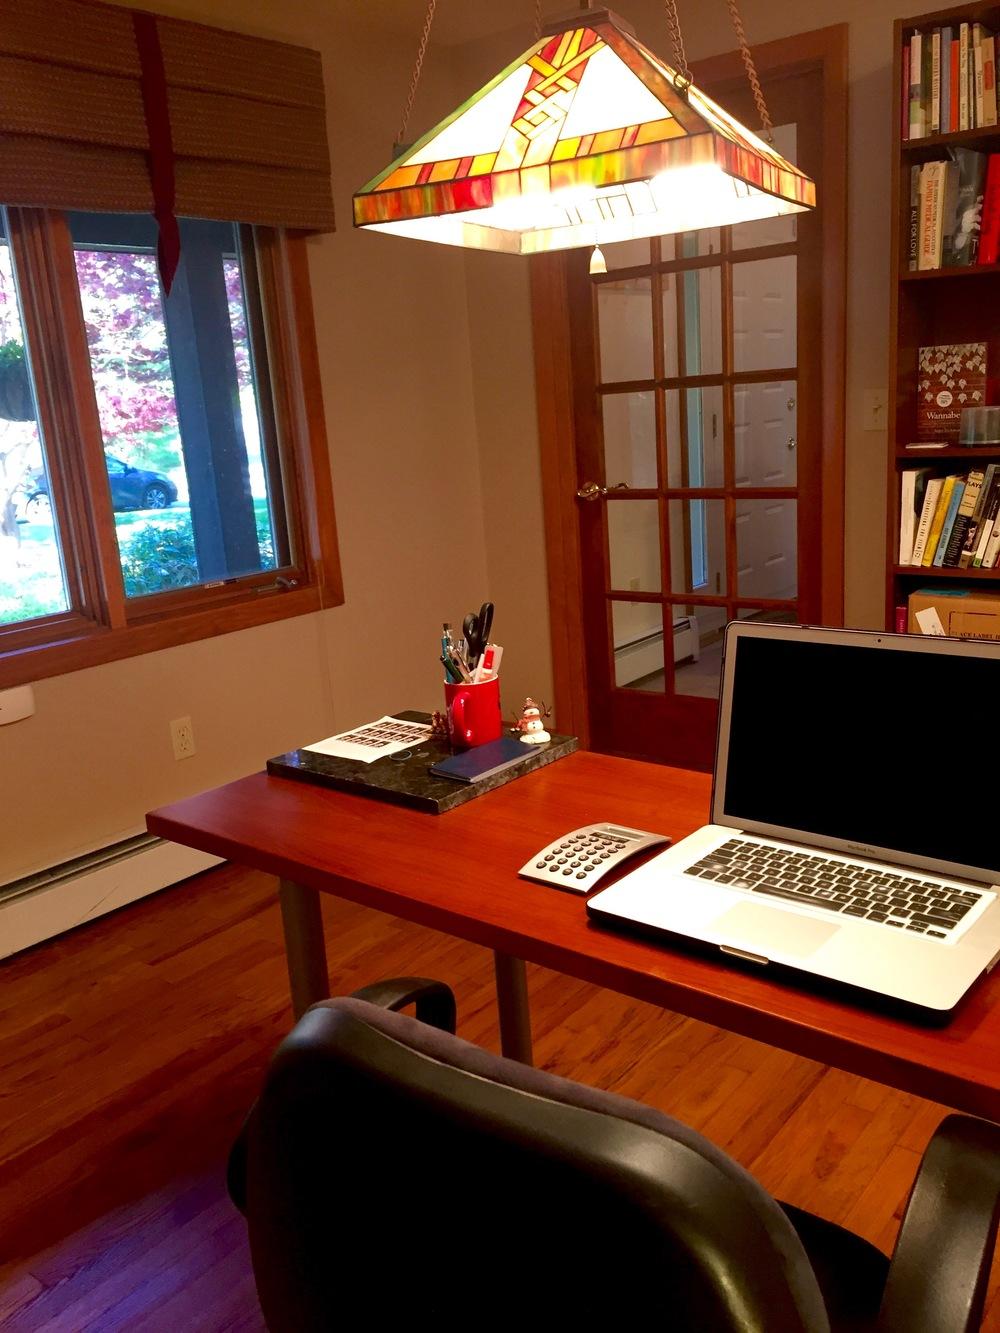 officediningroom2.jpg